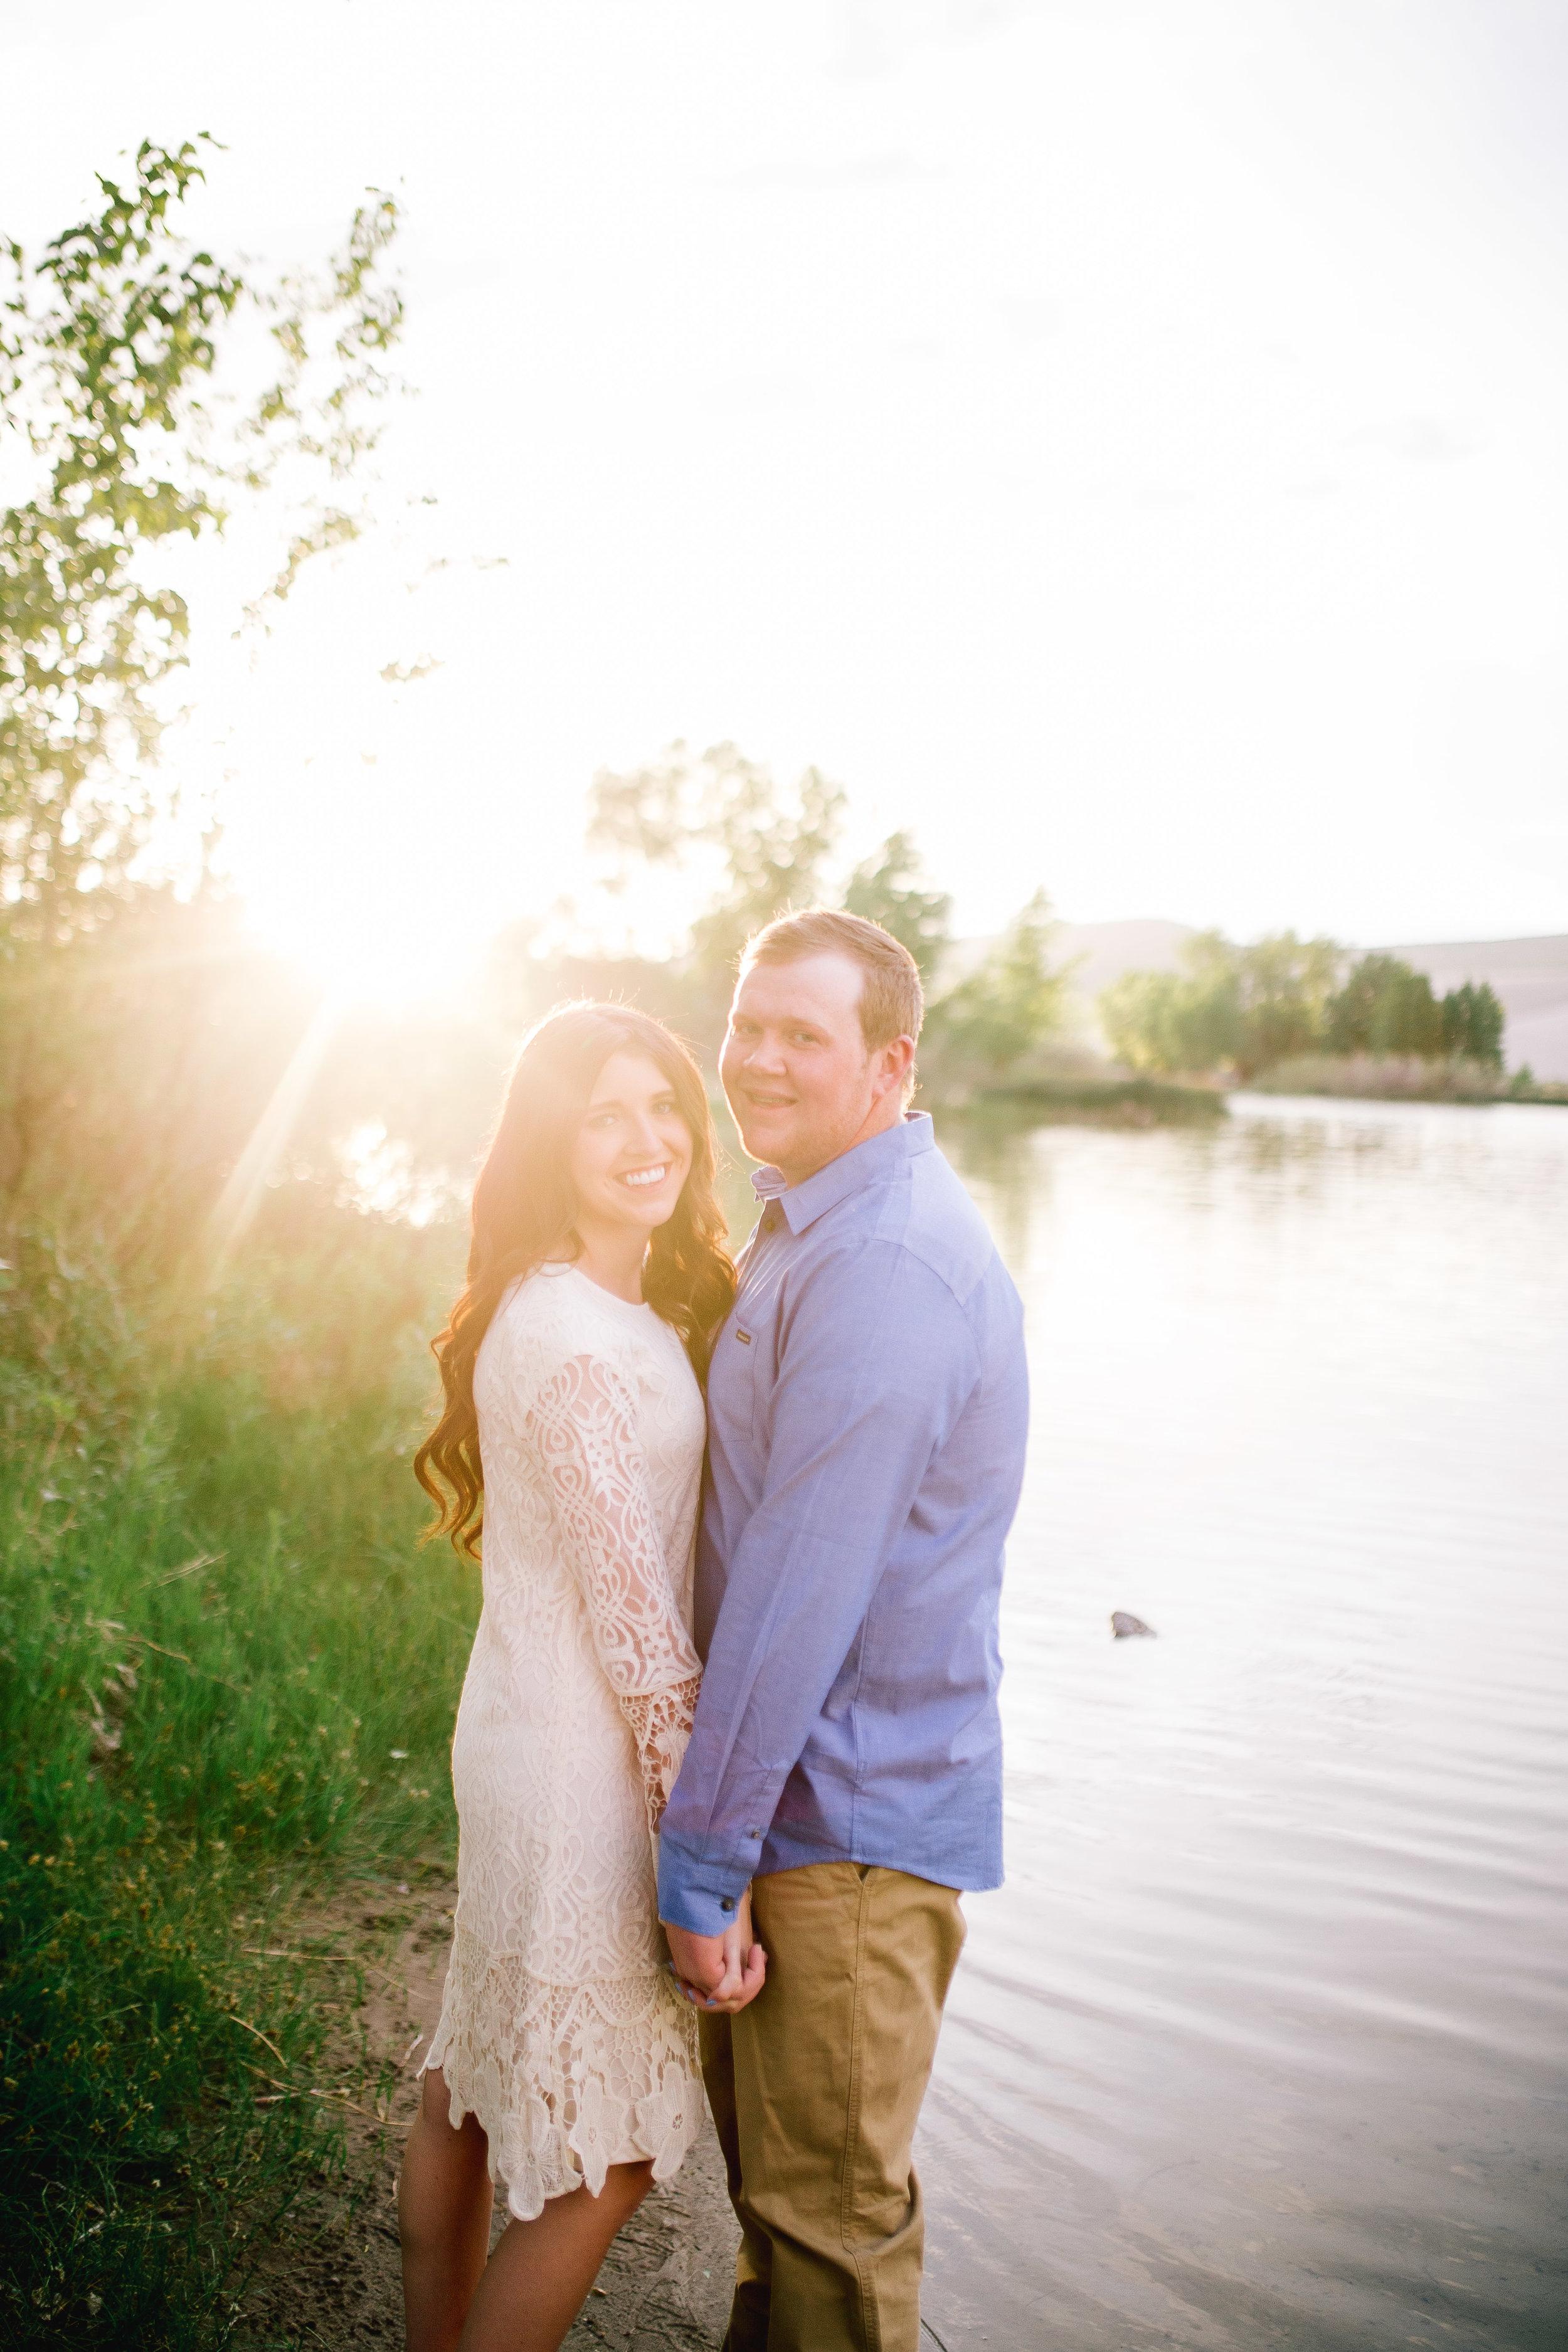 Tori and Josh's Engagment Shoot Egin Lakes Rexburg Idaho (110 of 162).jpg